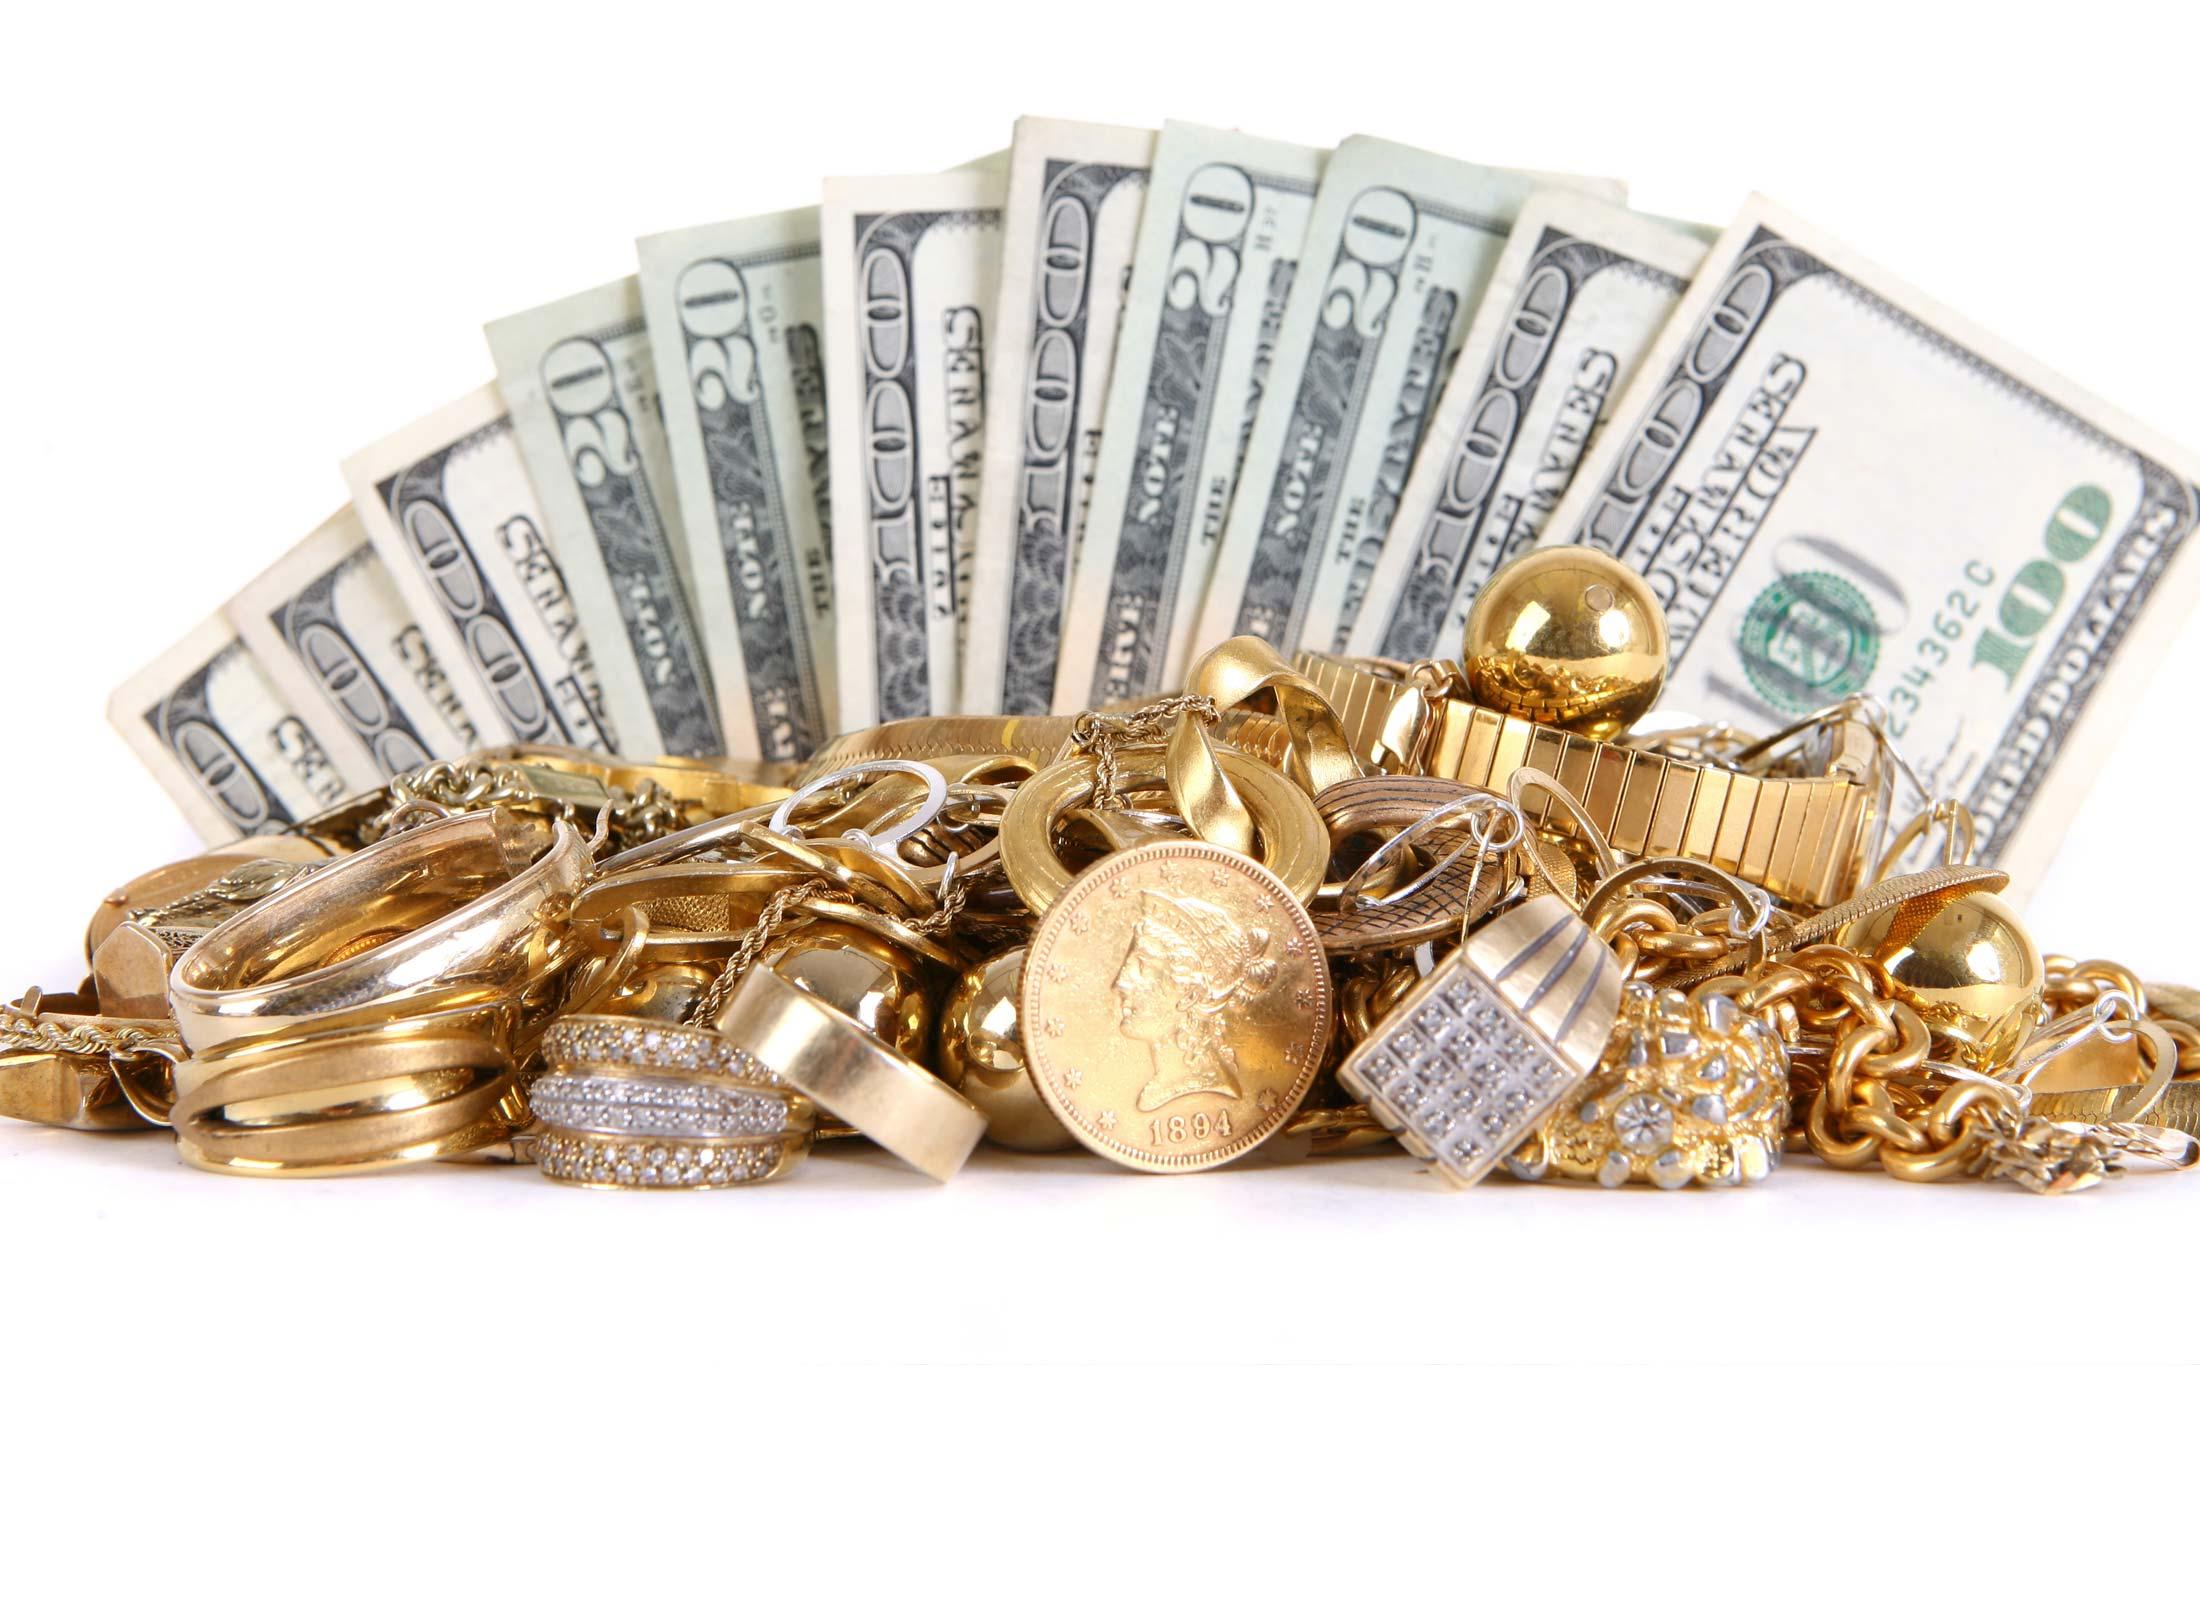 f6a88fa840ef Como obtener un préstamo de dinero rápido usando sus joyas en Tarrillo compra  oro